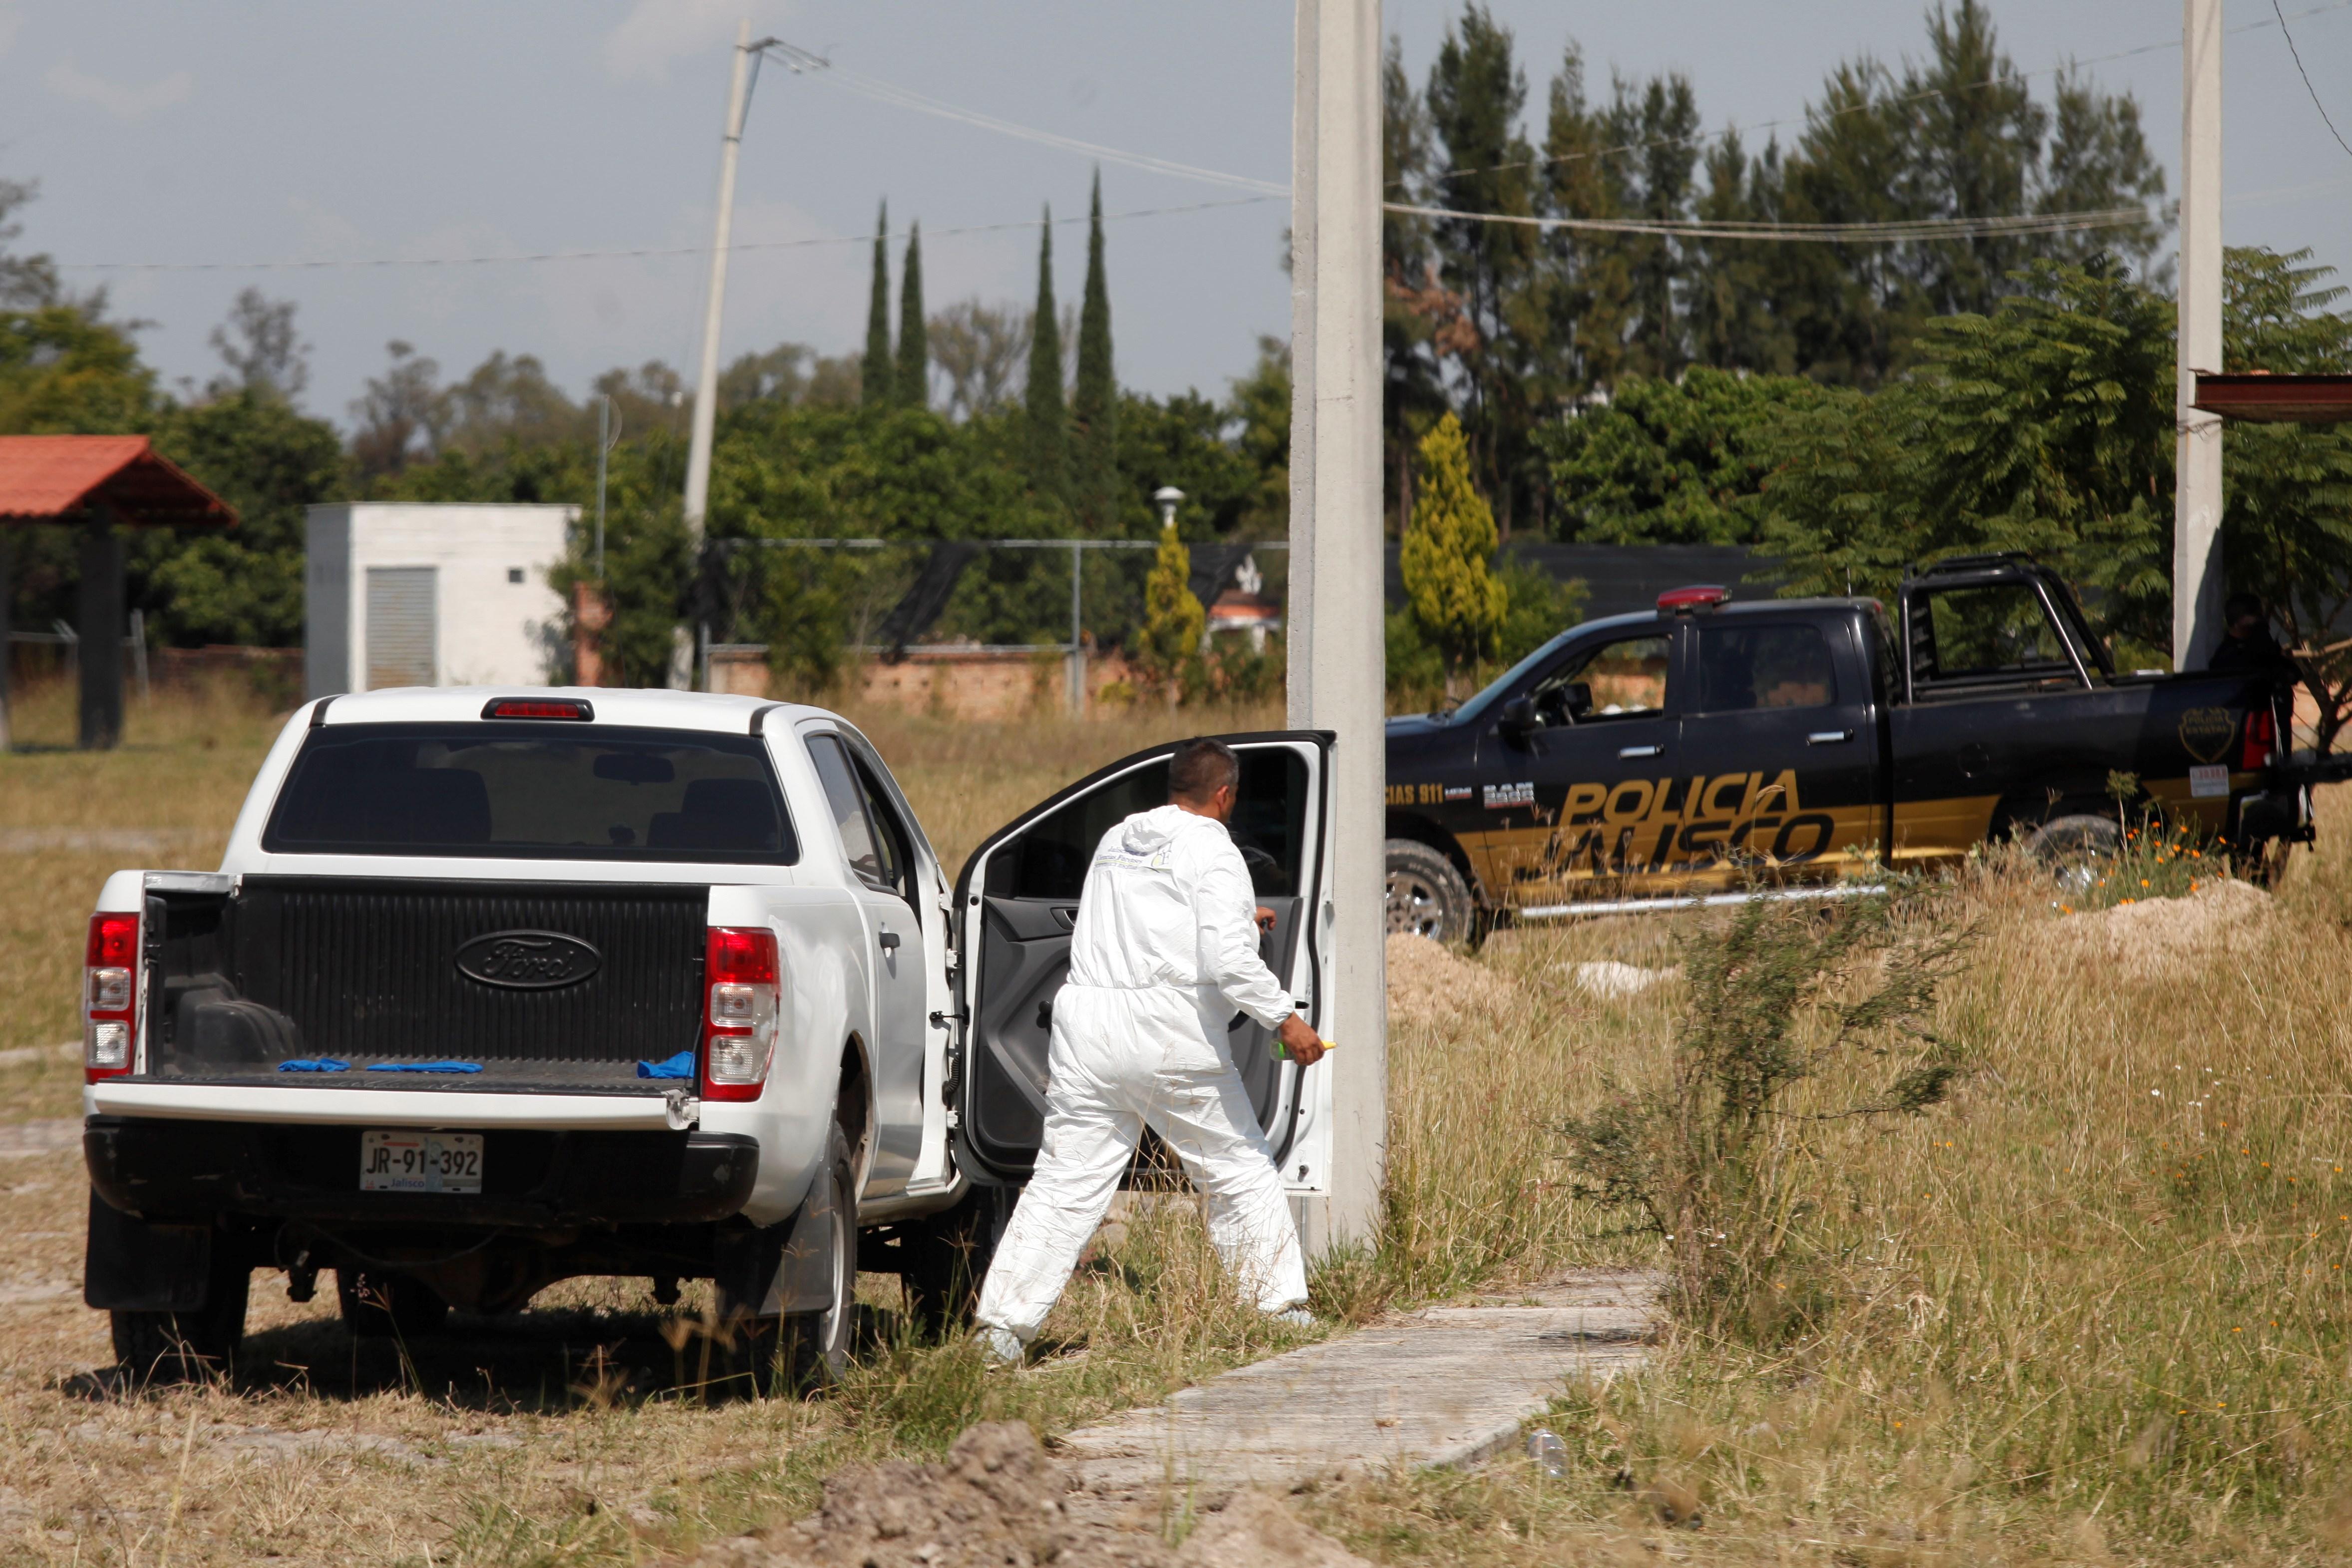 Hallan 25 cuerpos en Tlajomulco de Zúñiga, Jalisco